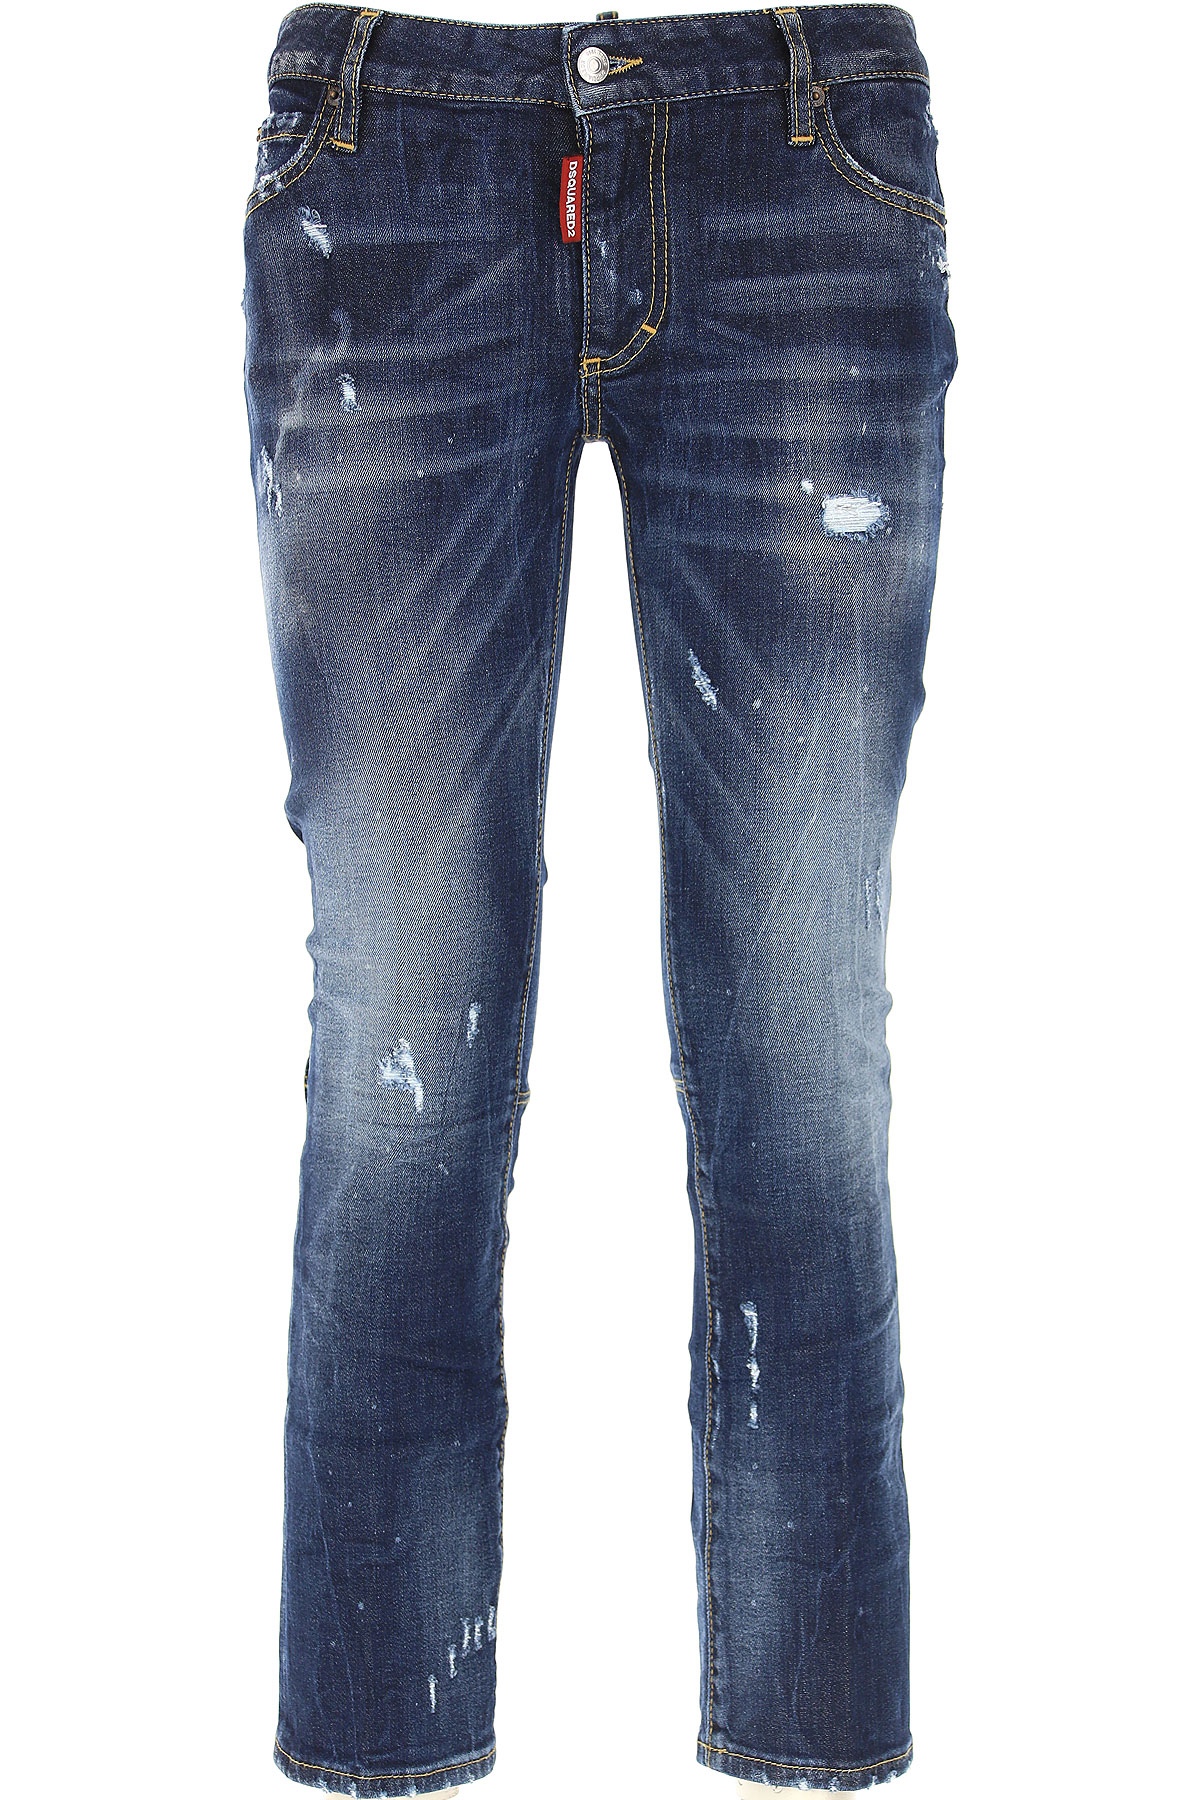 Dsquared2 Jeans On Sale, Denim, Cotton, 2017, 24 26 28 32